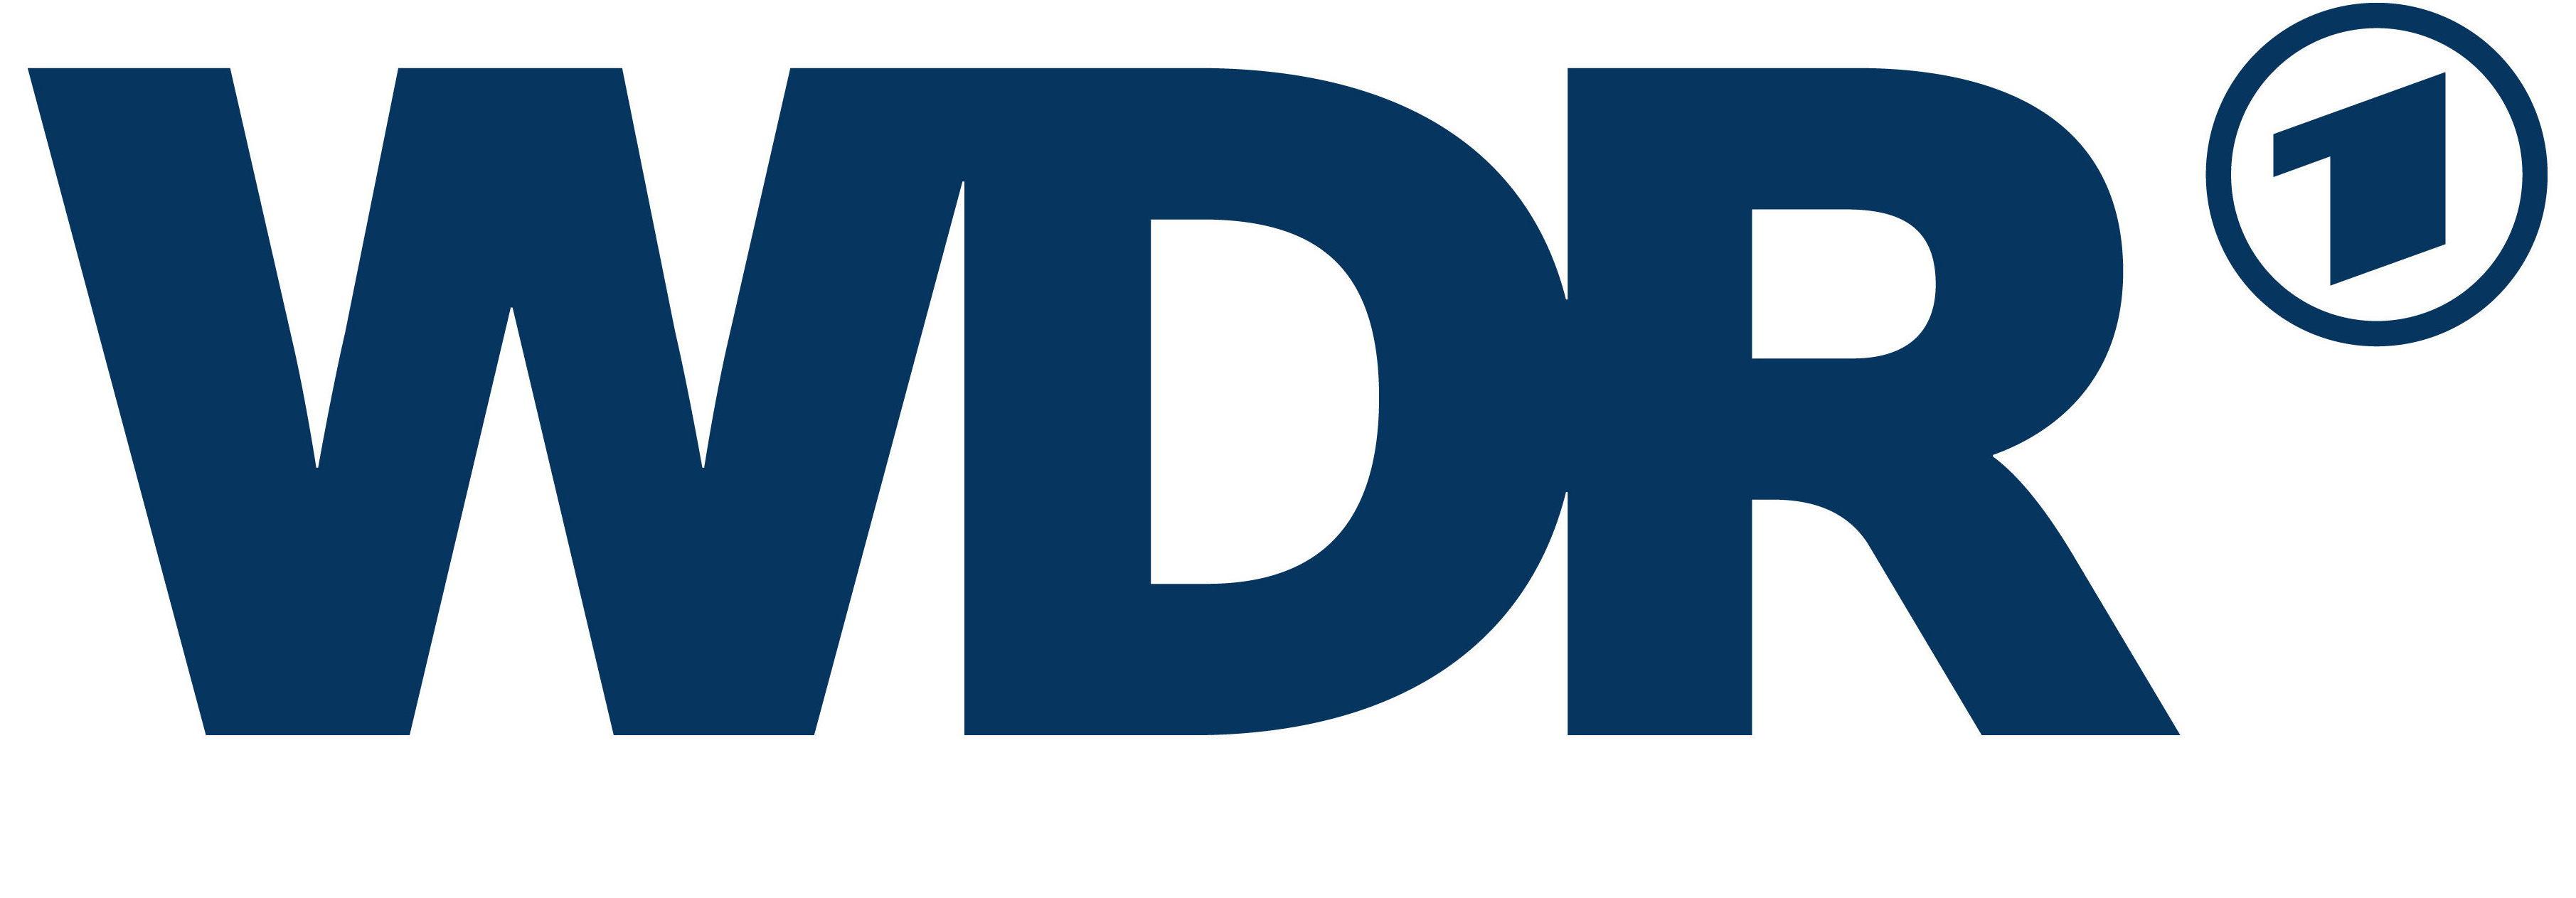 Wdr3 Fernsehen